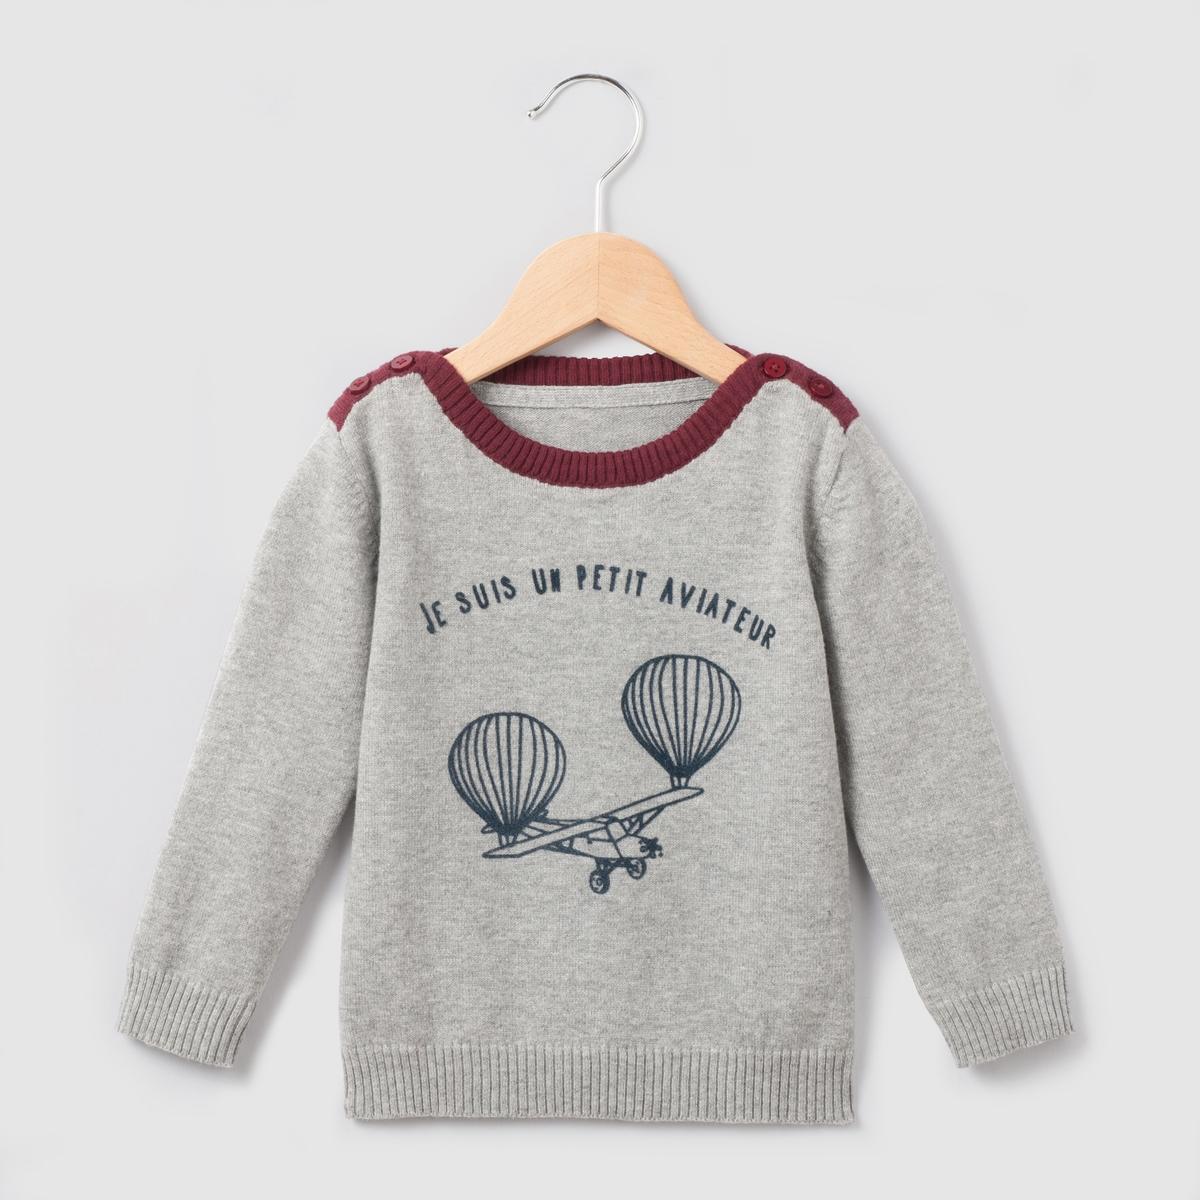 Пуловер на 1 мес. - 3 года